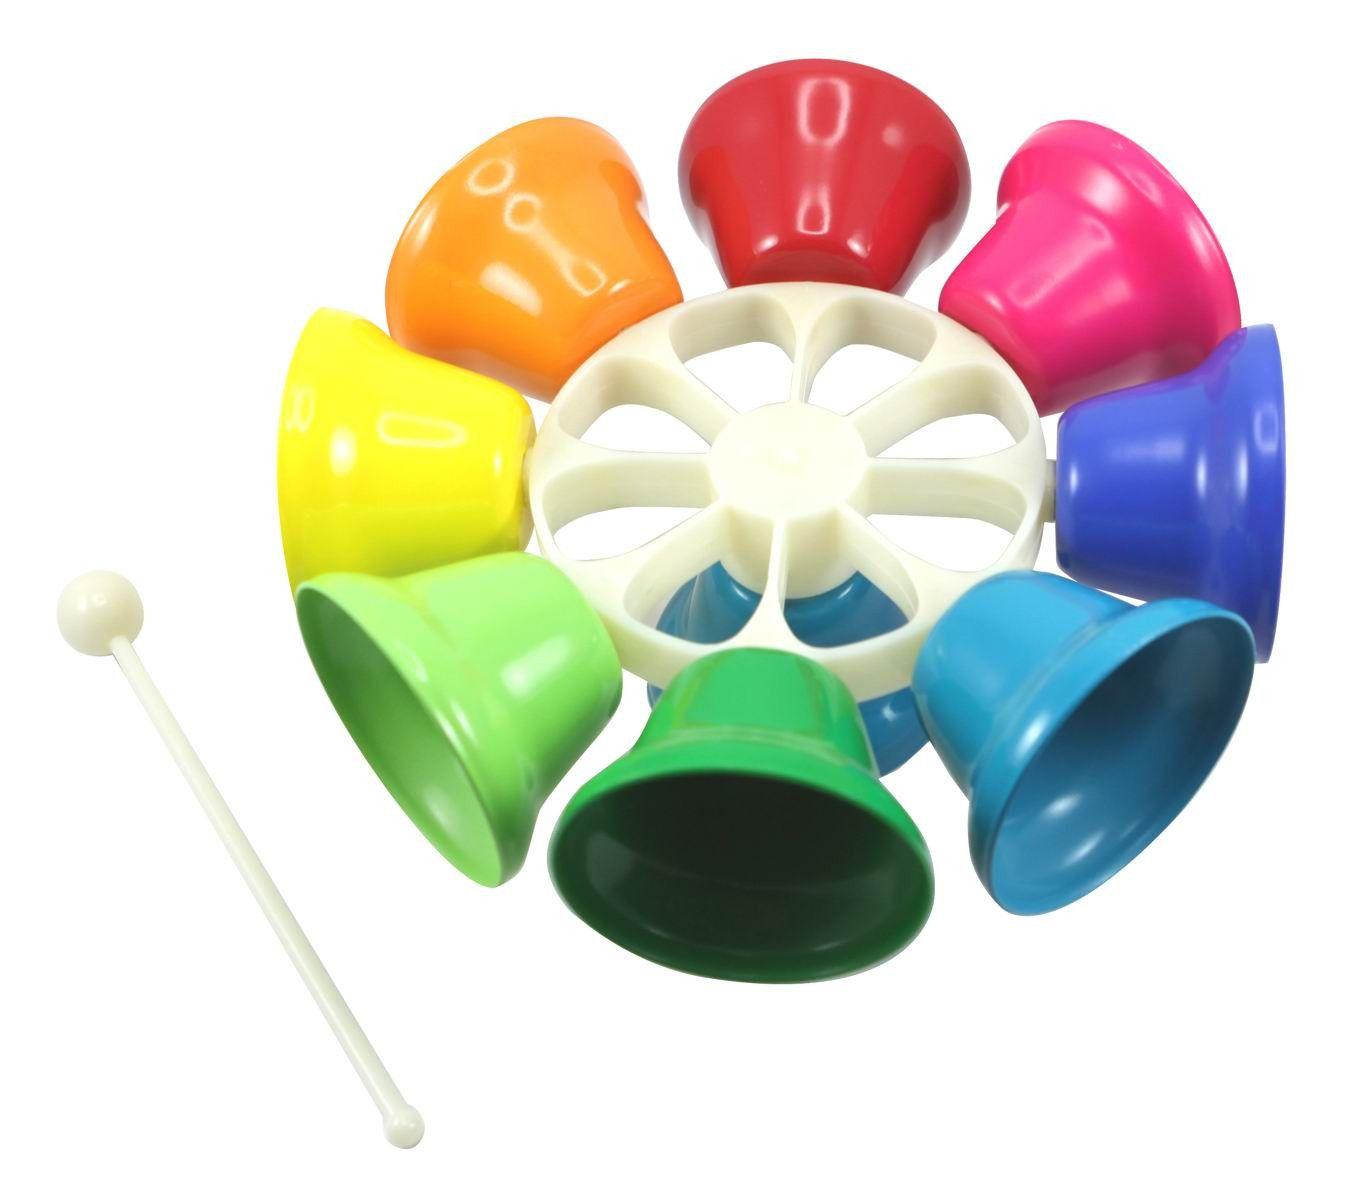 B toys carousel bells  Large Carousel Bells from Spectrum Educational Ltd  Music  Pinterest